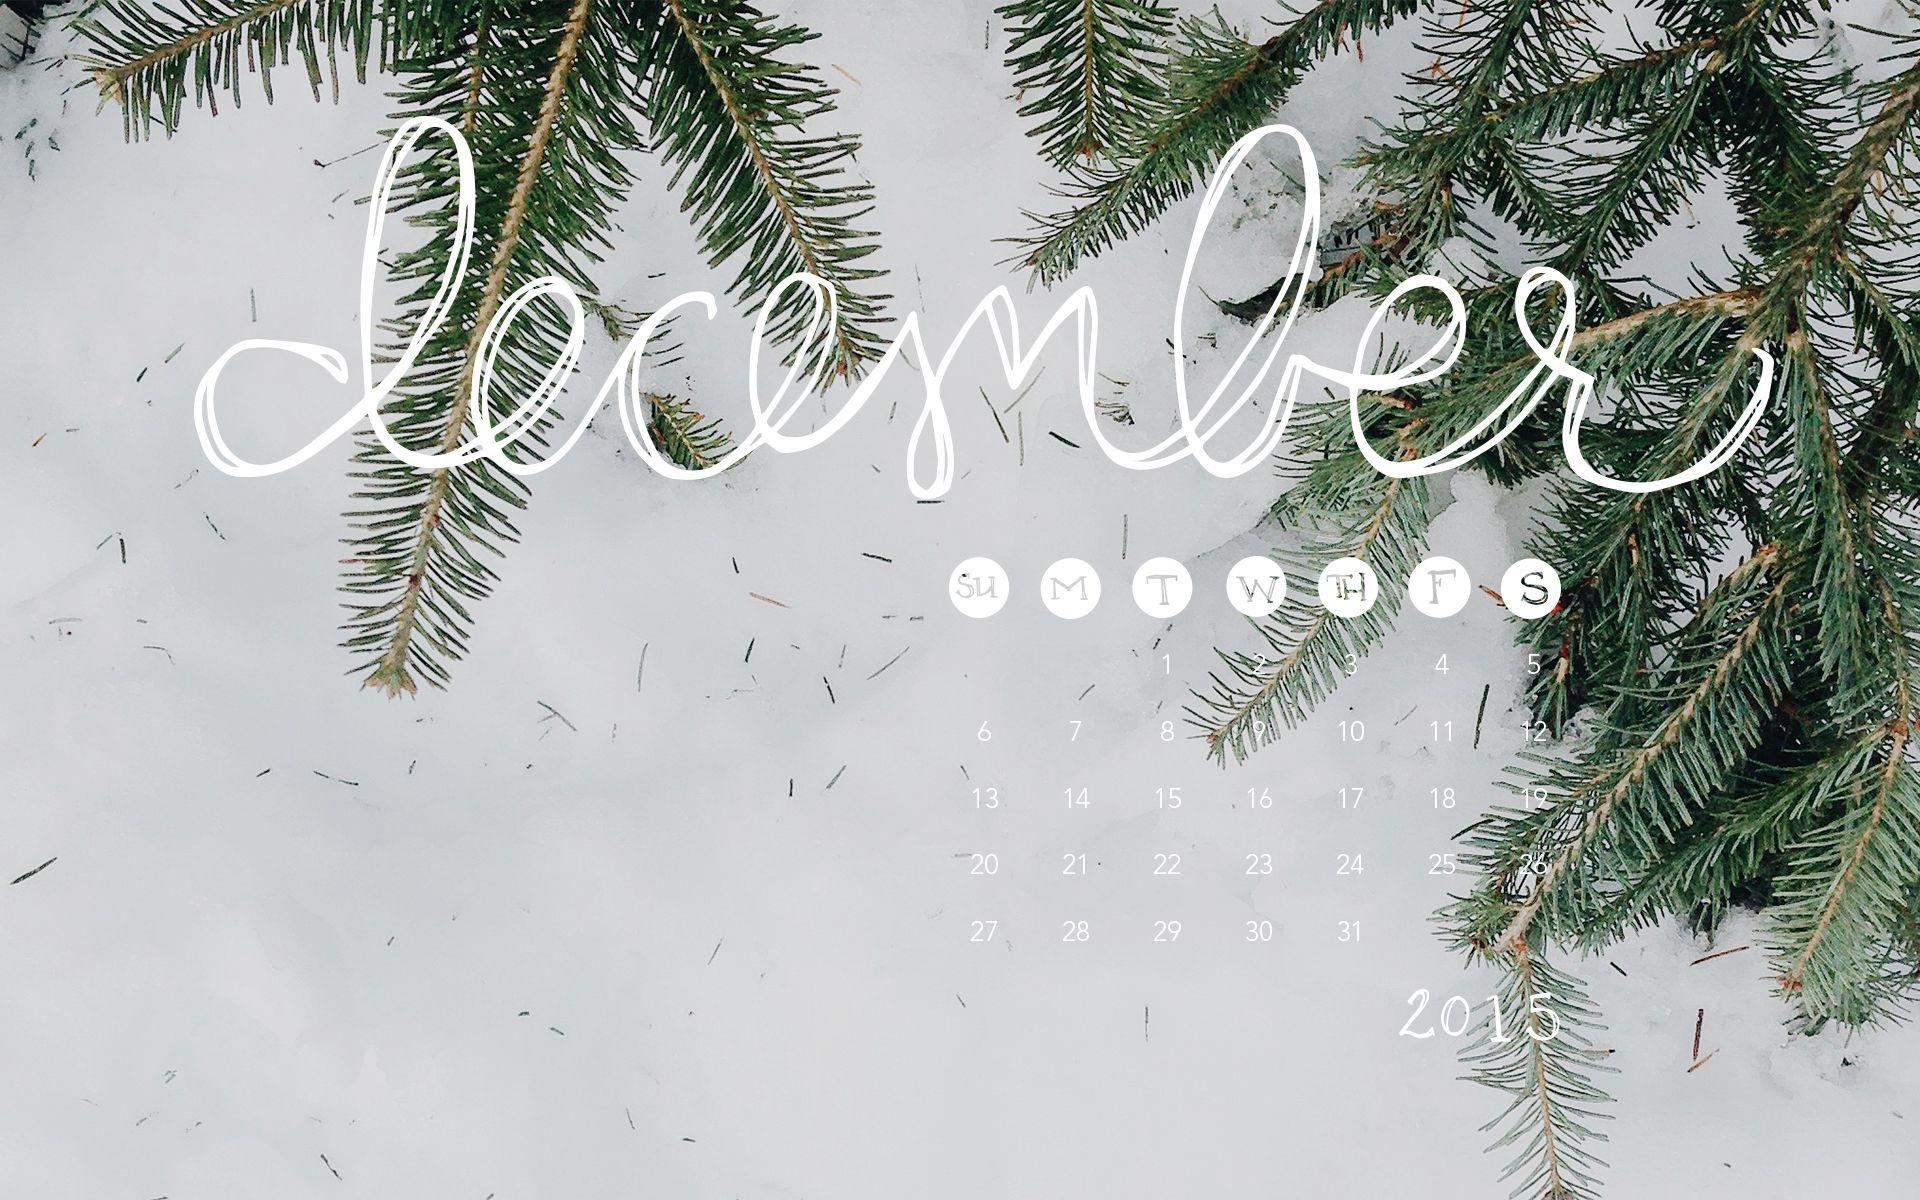 Christmas Aesthetic Wallpaper Desktop